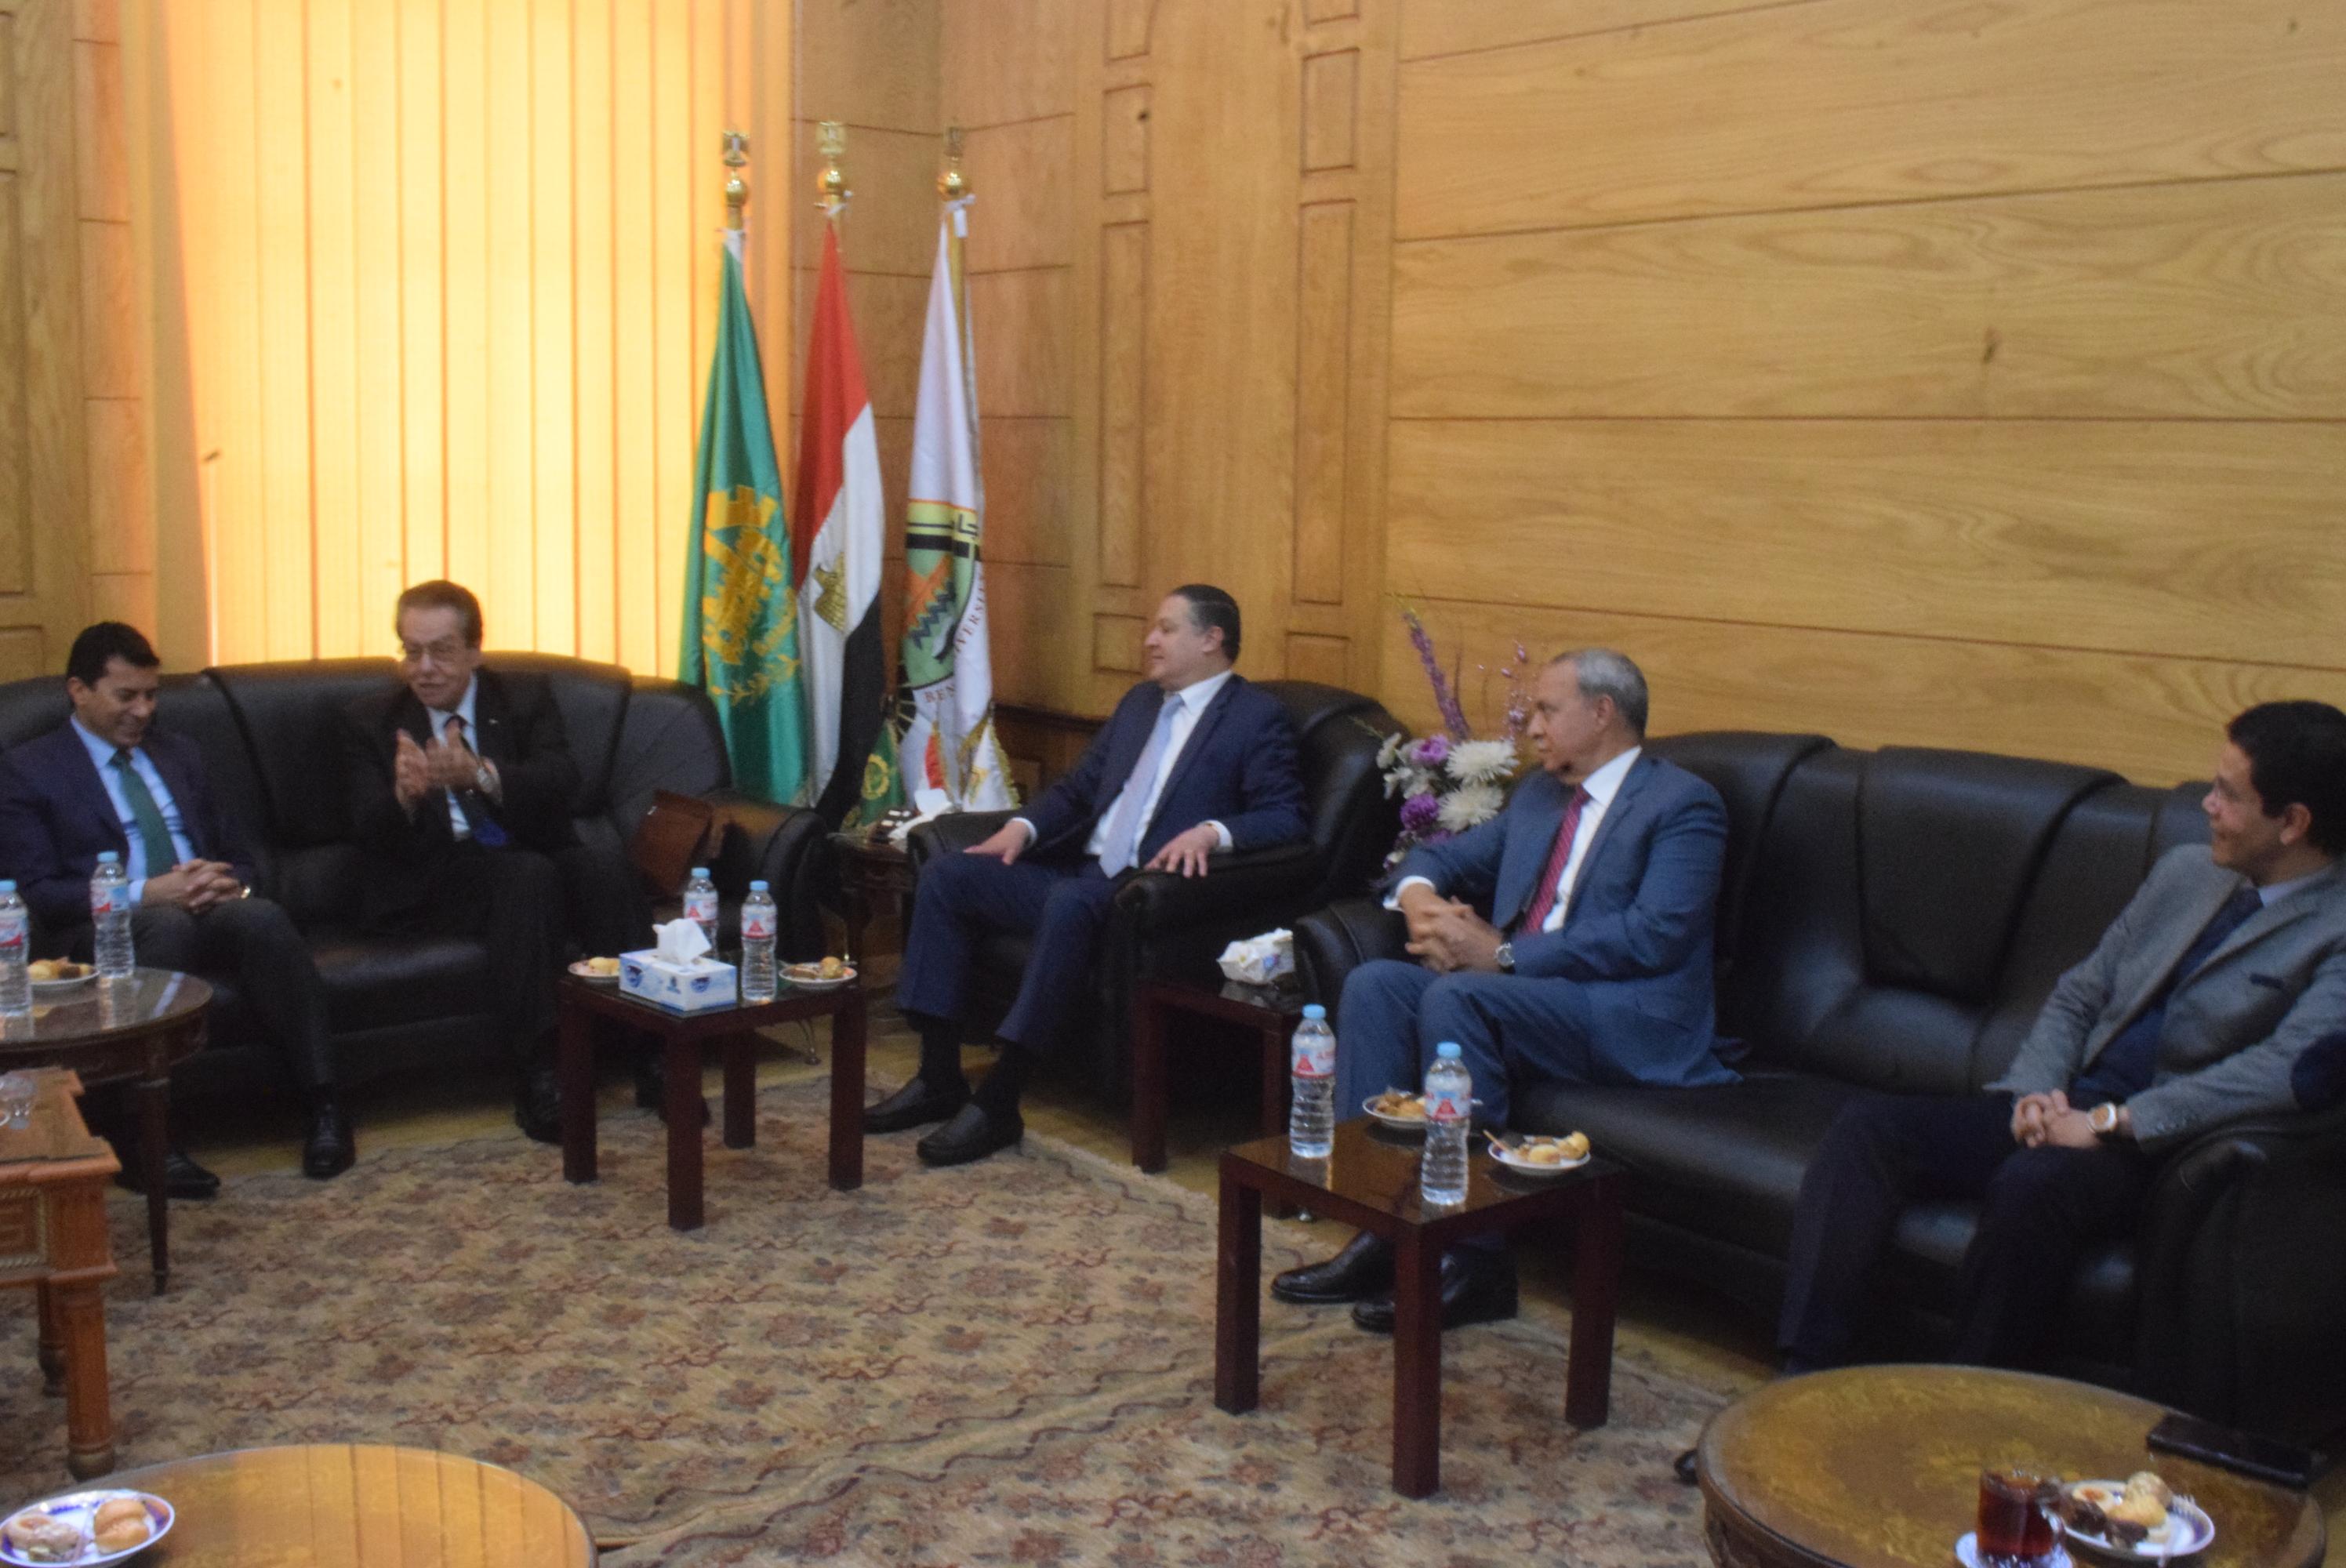 علي هامش مناقشة رسالة دكتوراة: رئيس جامعة بنها يستقبل وزير الشباب والرياضة